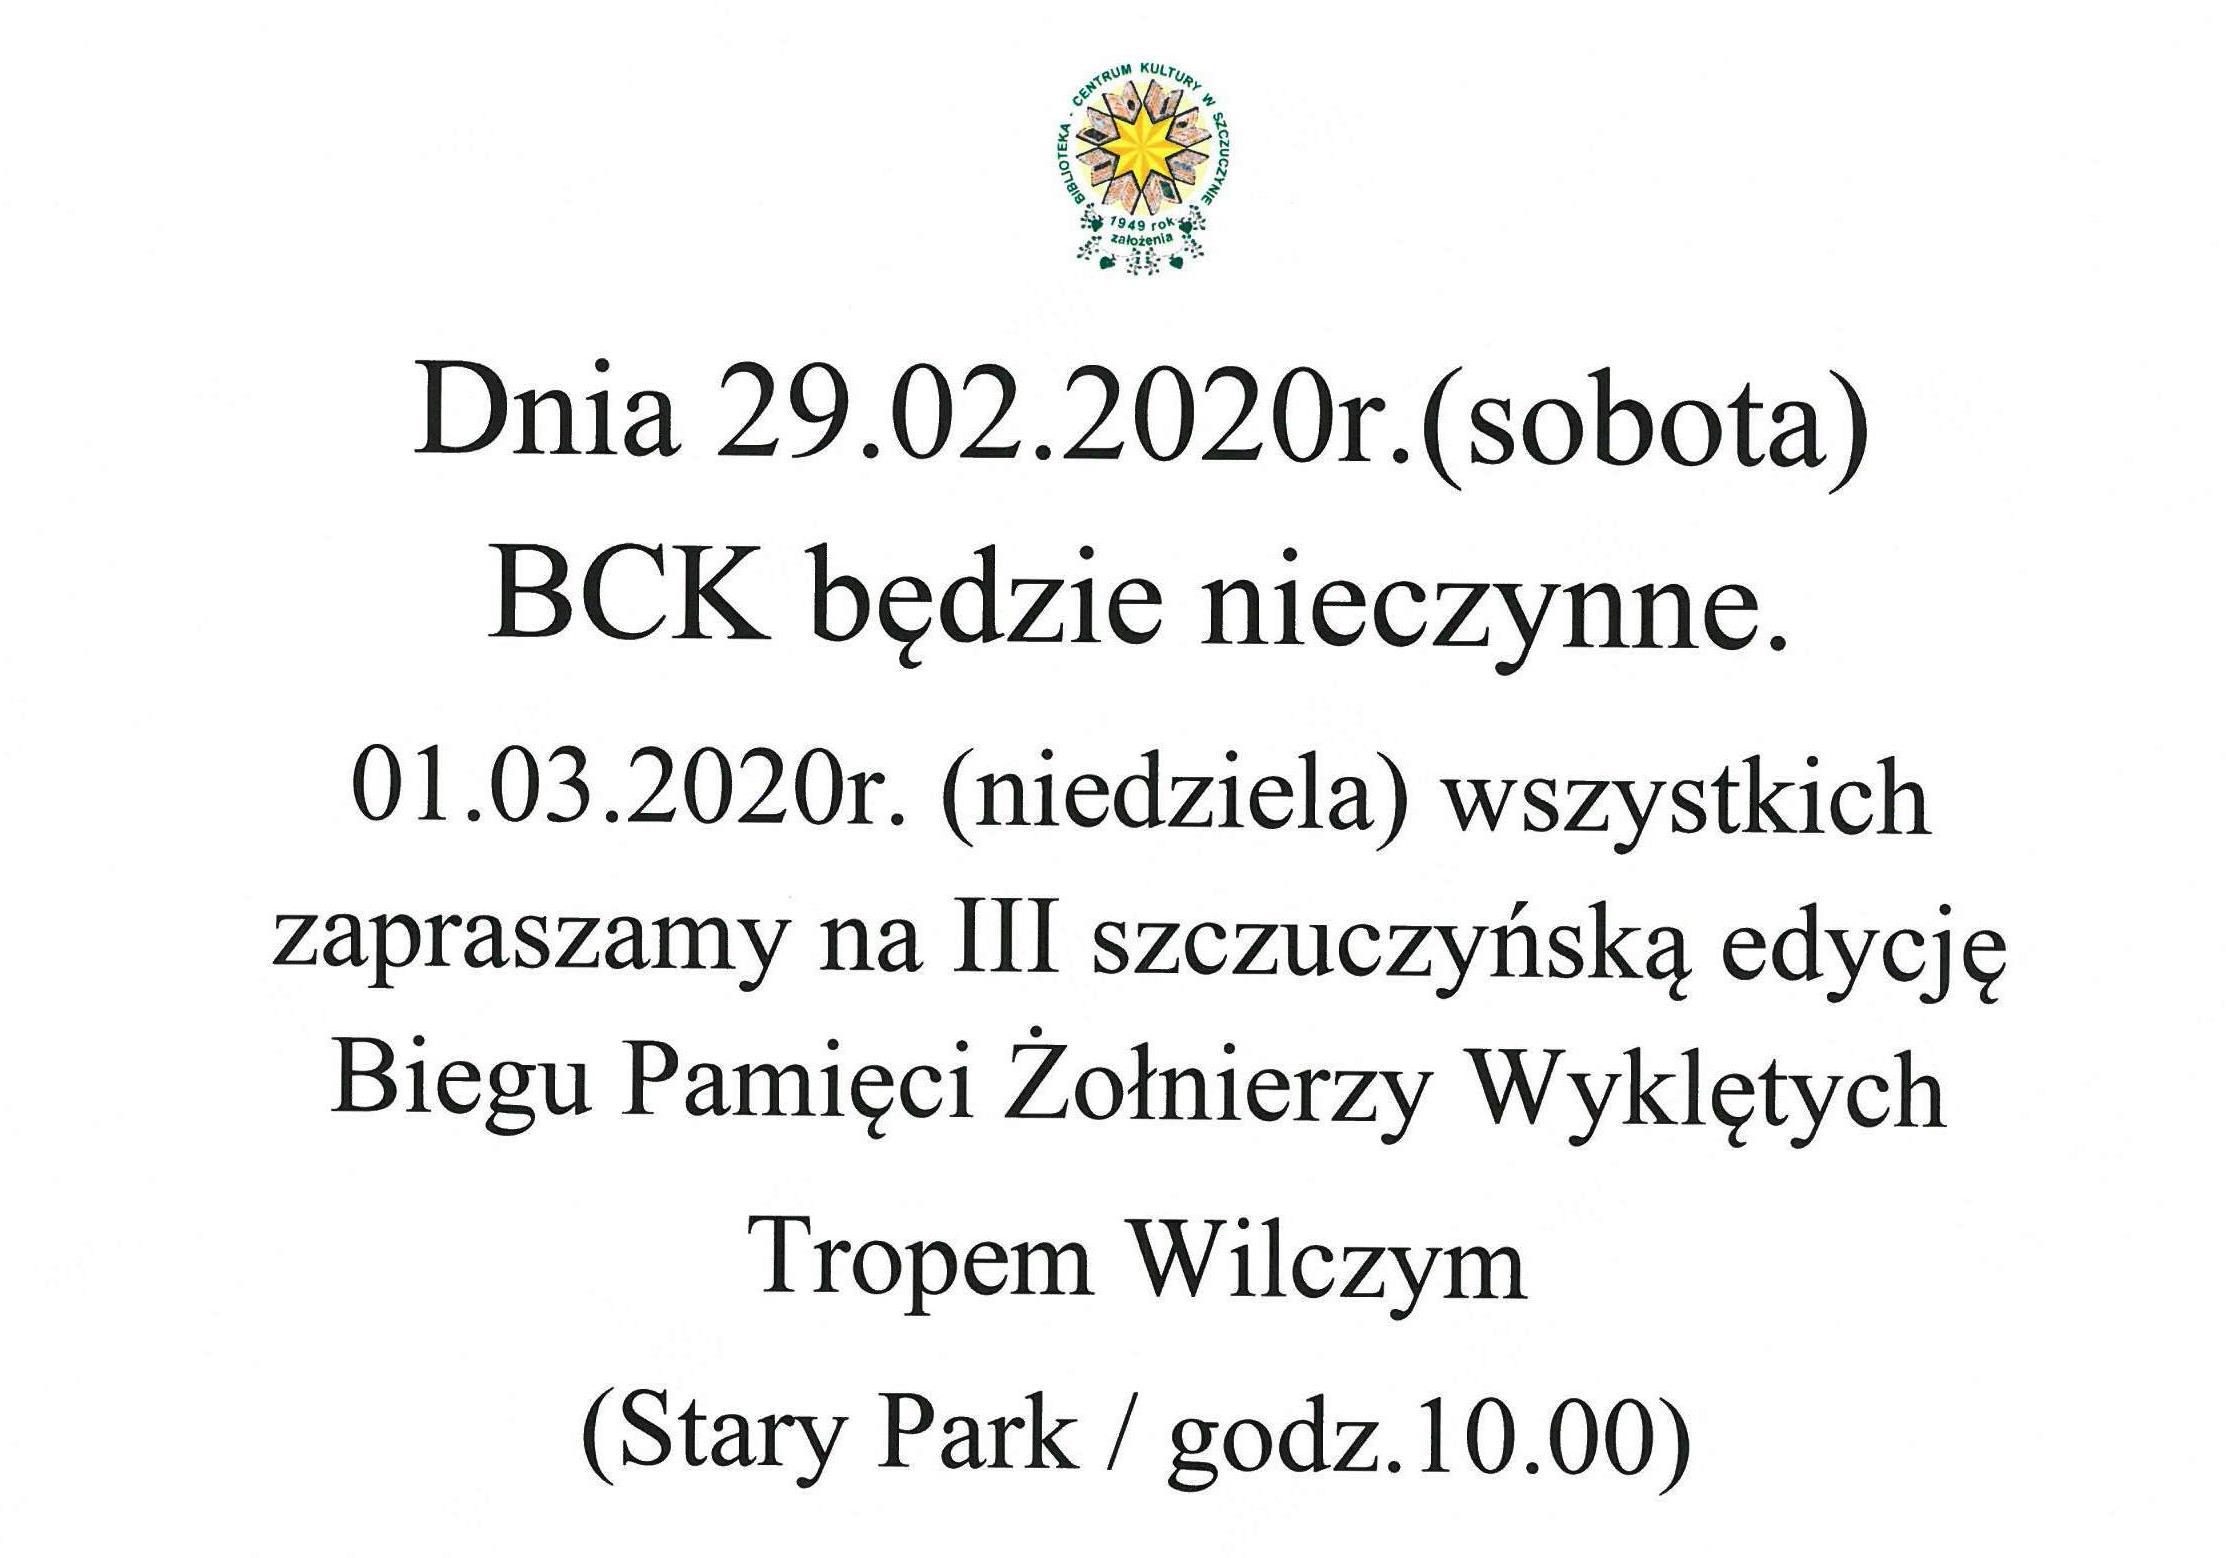 29.02.2020r. BCK będzie nieczynne